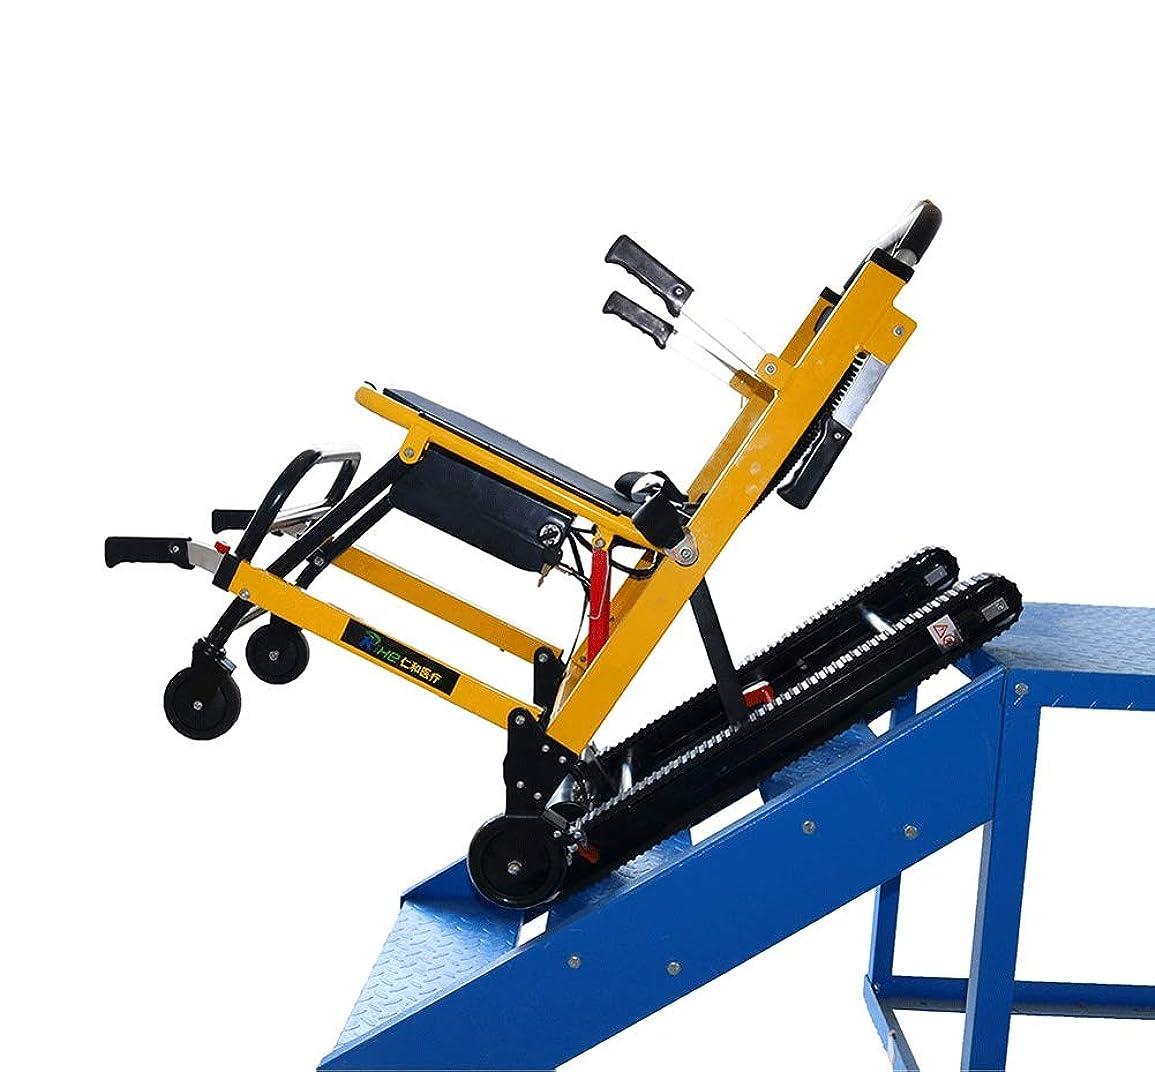 モンゴメリー利益剛性EMS階段椅子、電動階段車椅子の重量容量をクライミング350ポンド階段が椅子折りたたみバッテリ駆動クローラクライミングチェアクライミング議長緊急階段を登ります